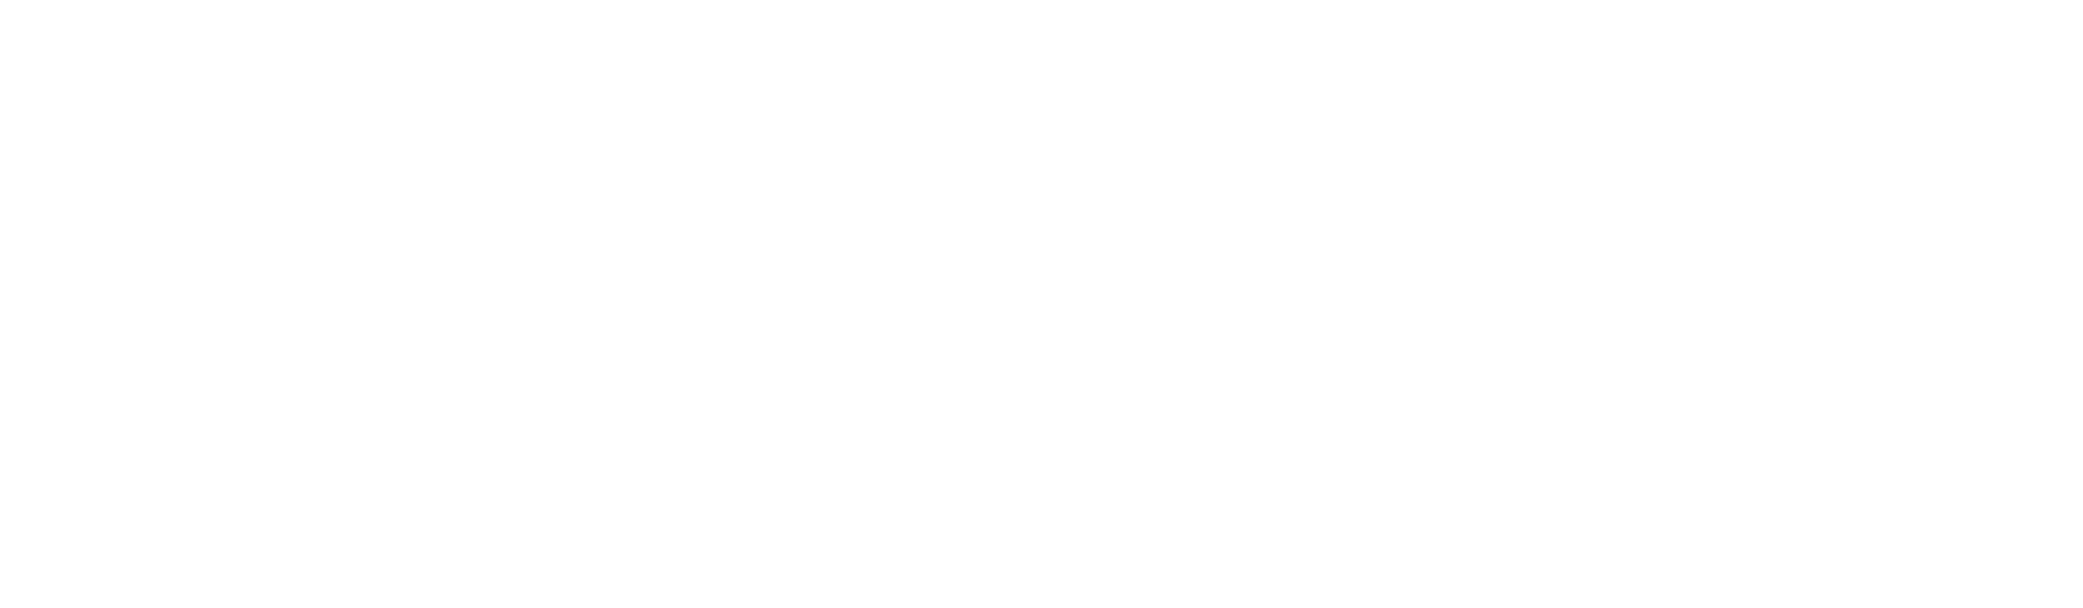 Partnersuche freie presse